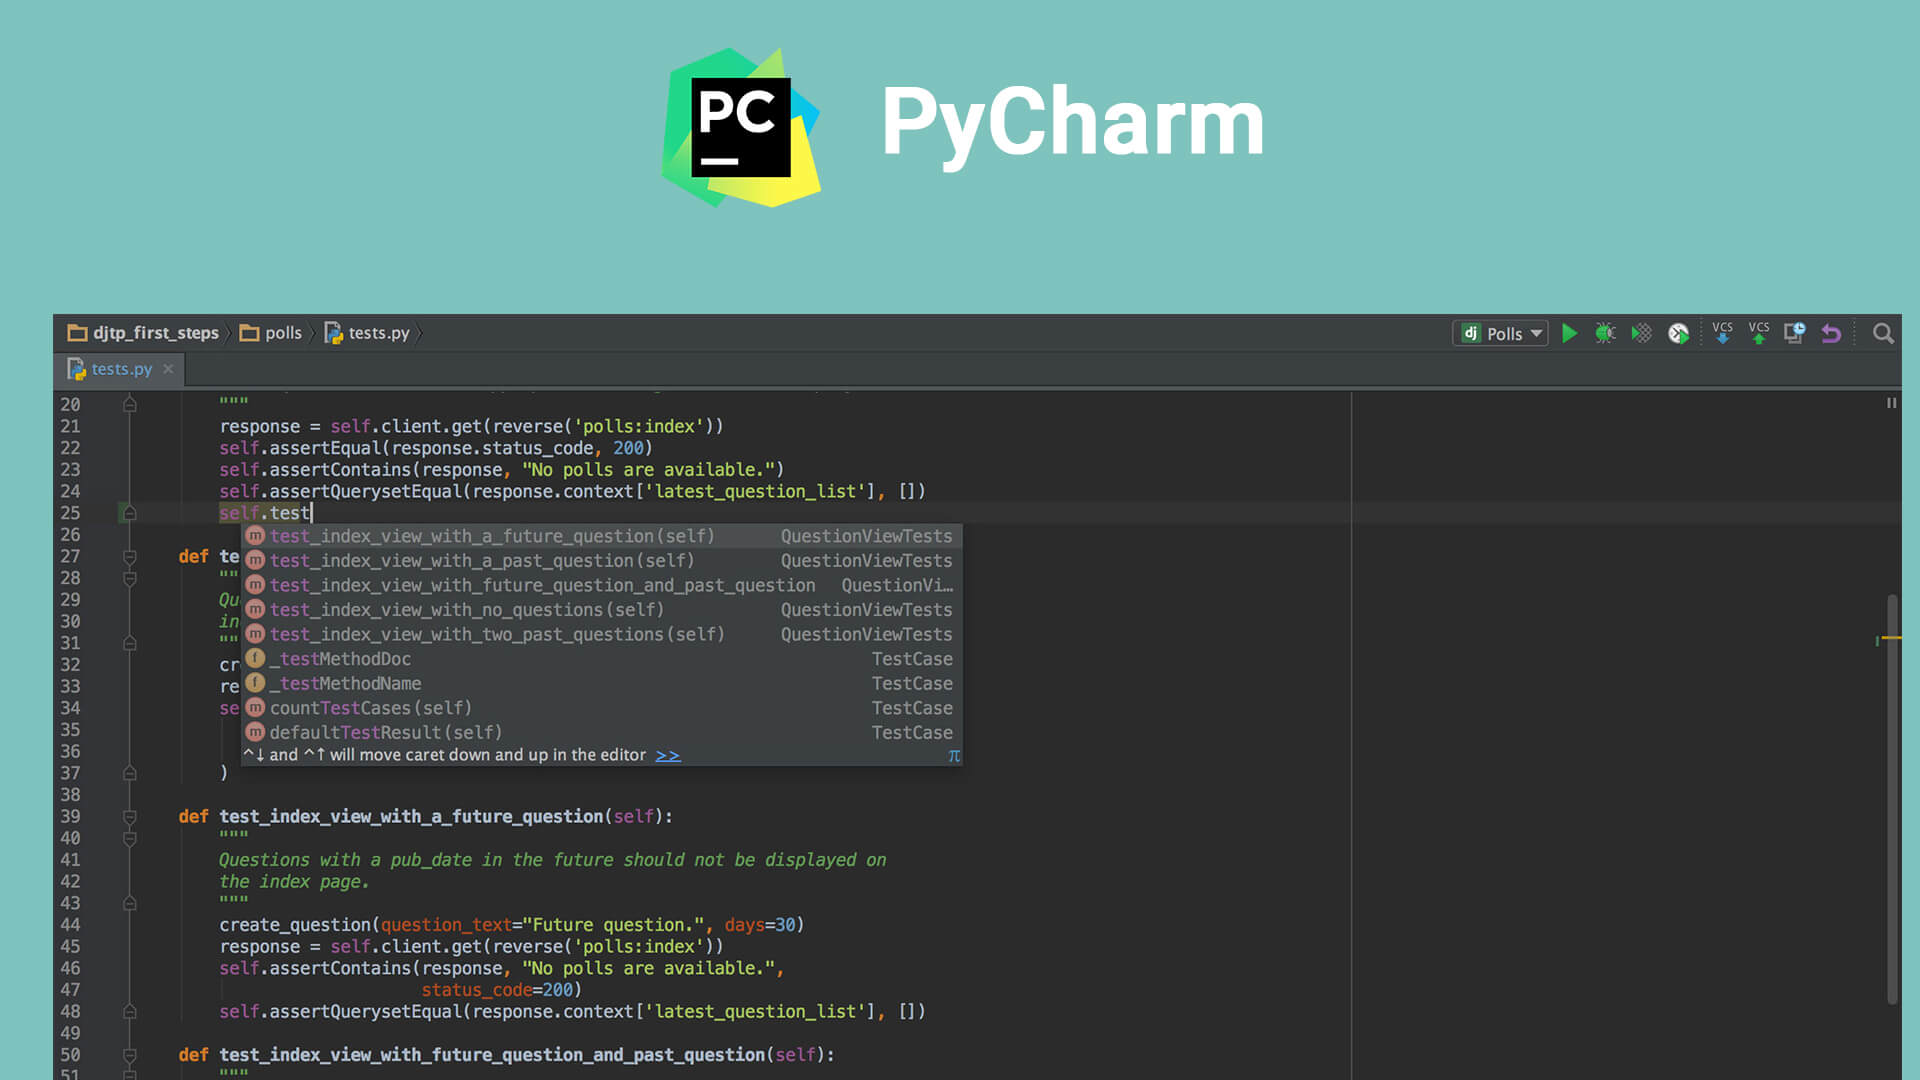 PyCharm